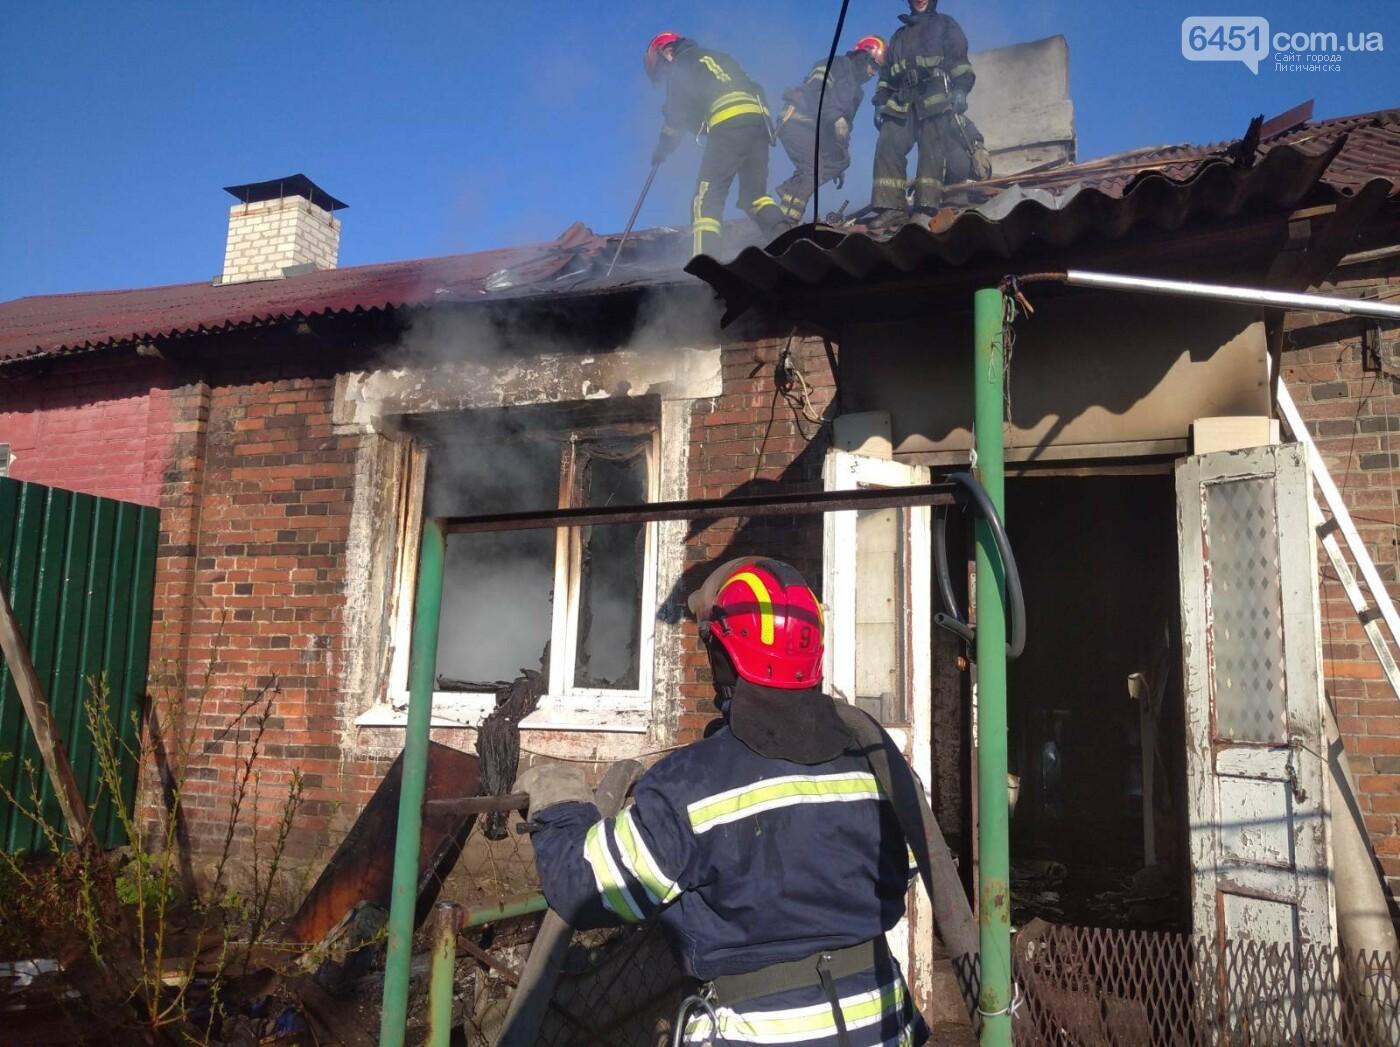 Во время ликвидации пожара в Лисичанске, в жилом доме спасатели обнаружили тело мужчины, фото-1